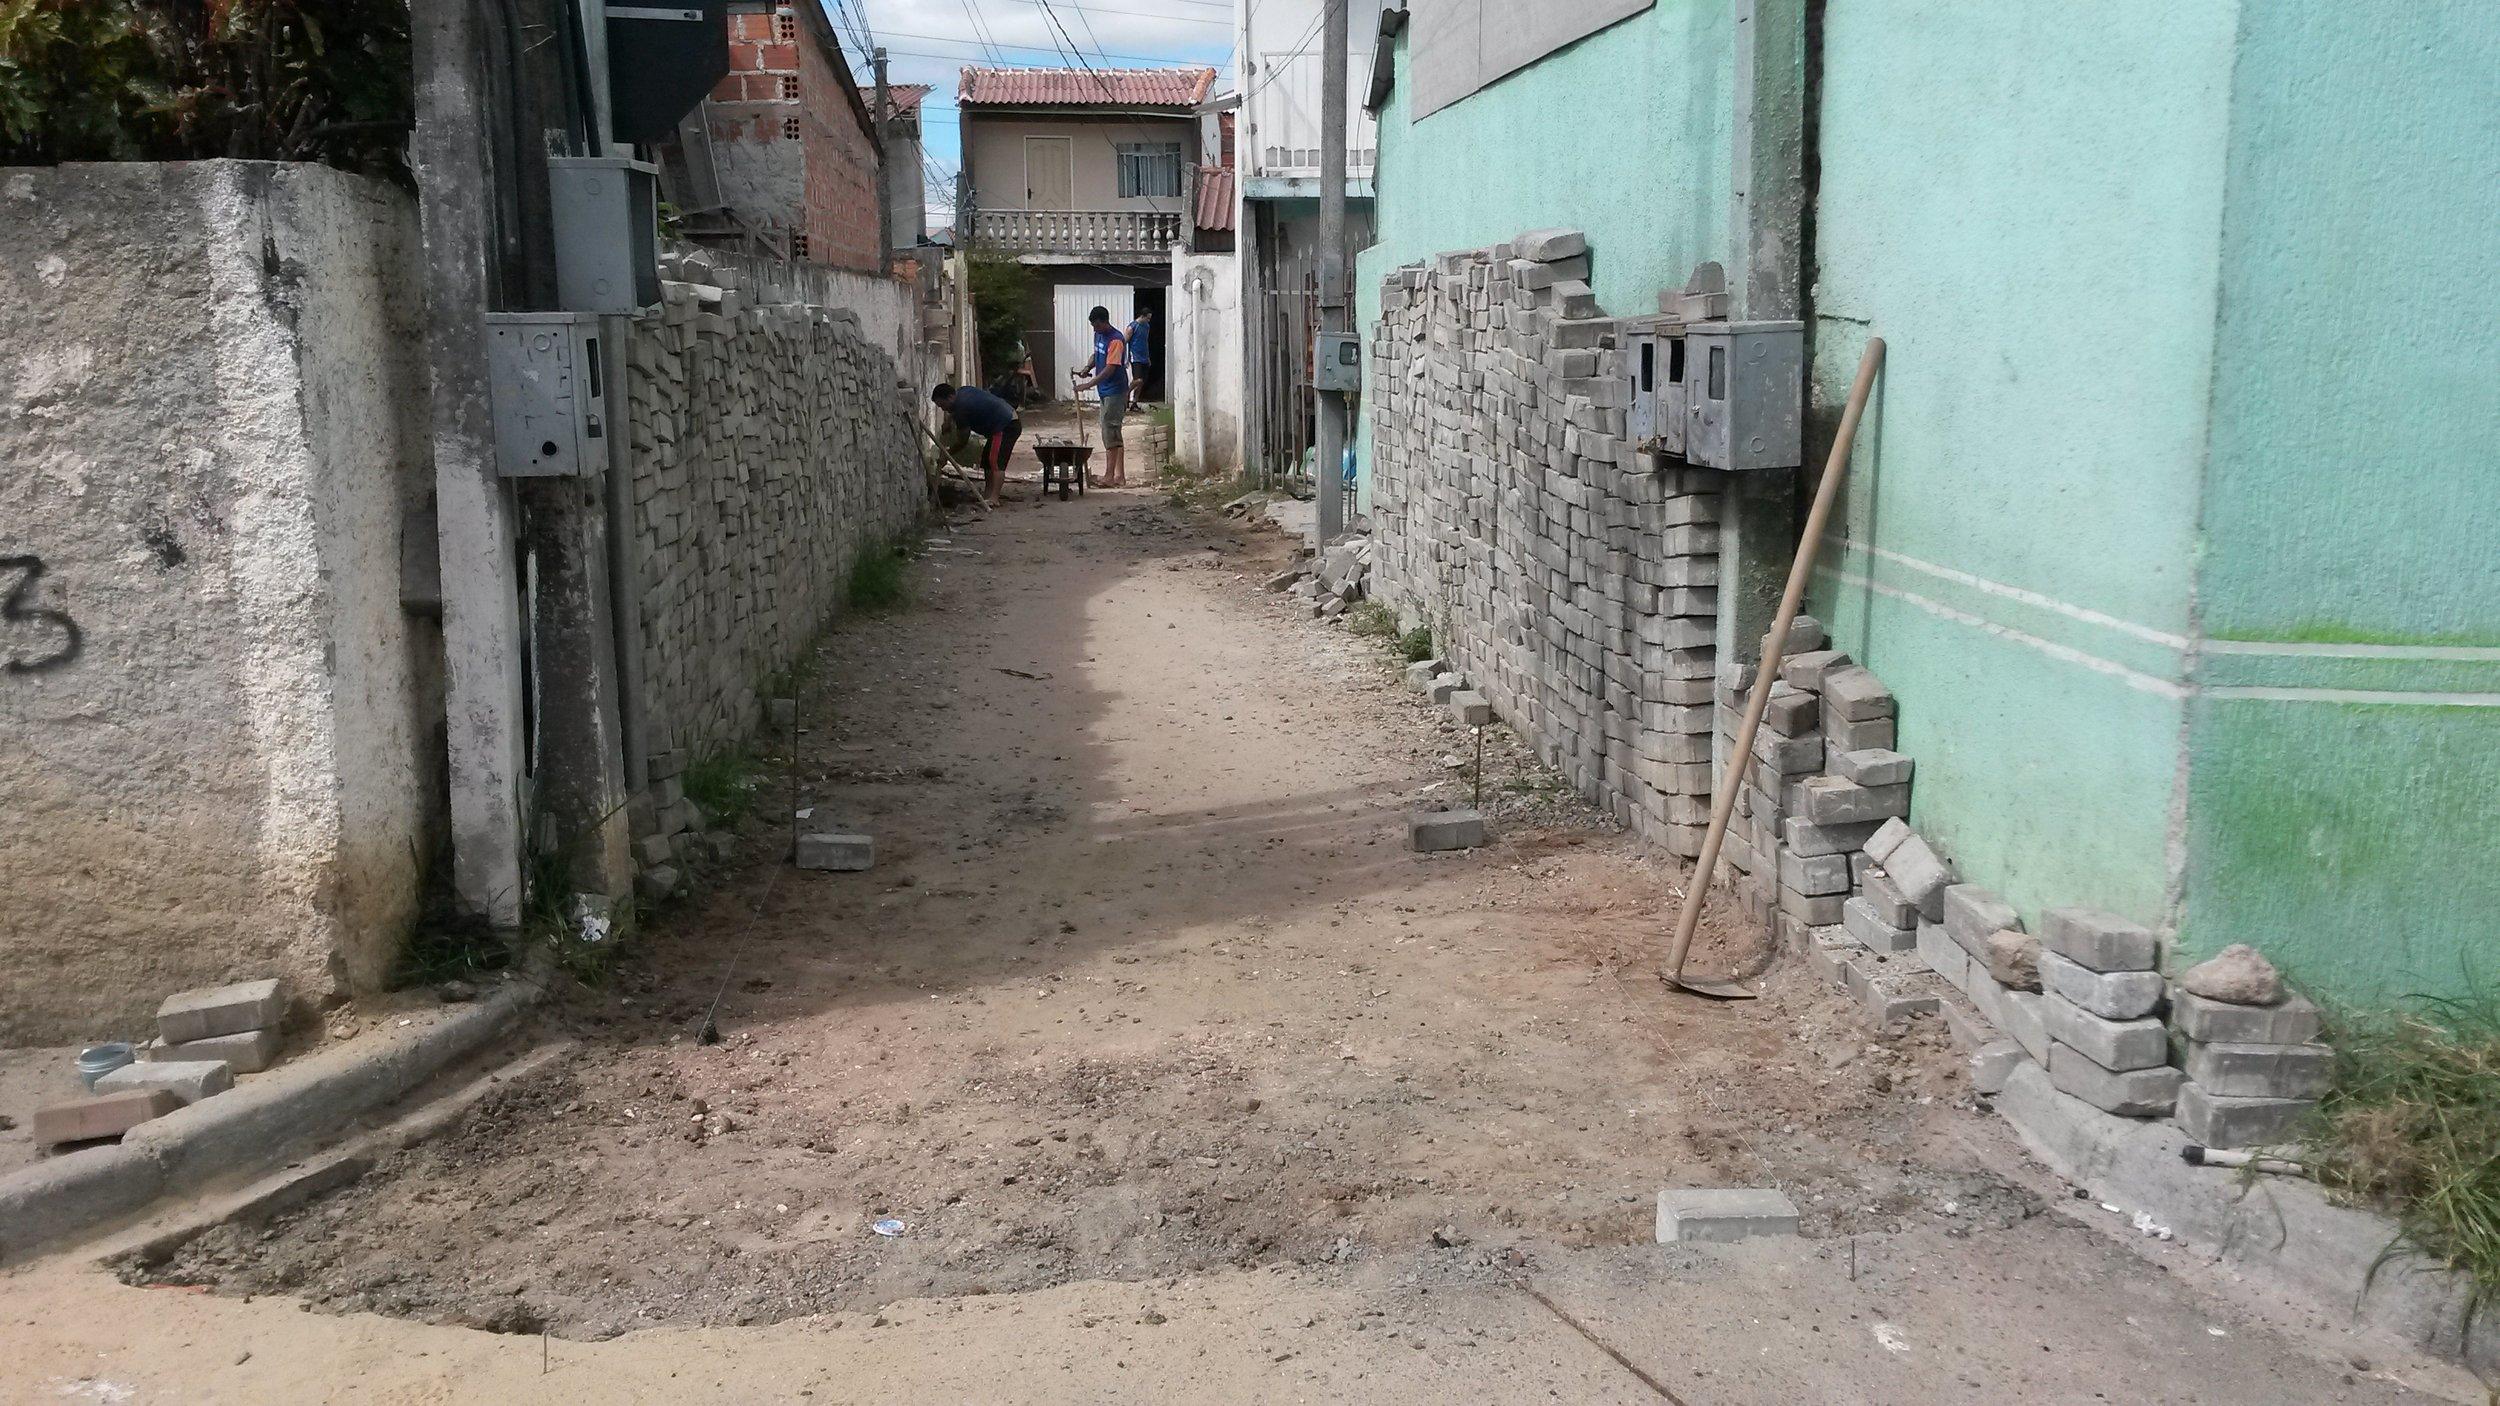 Rua Doutor Gioconda A. Ortigas Vl Sao Domingos antes.jpg